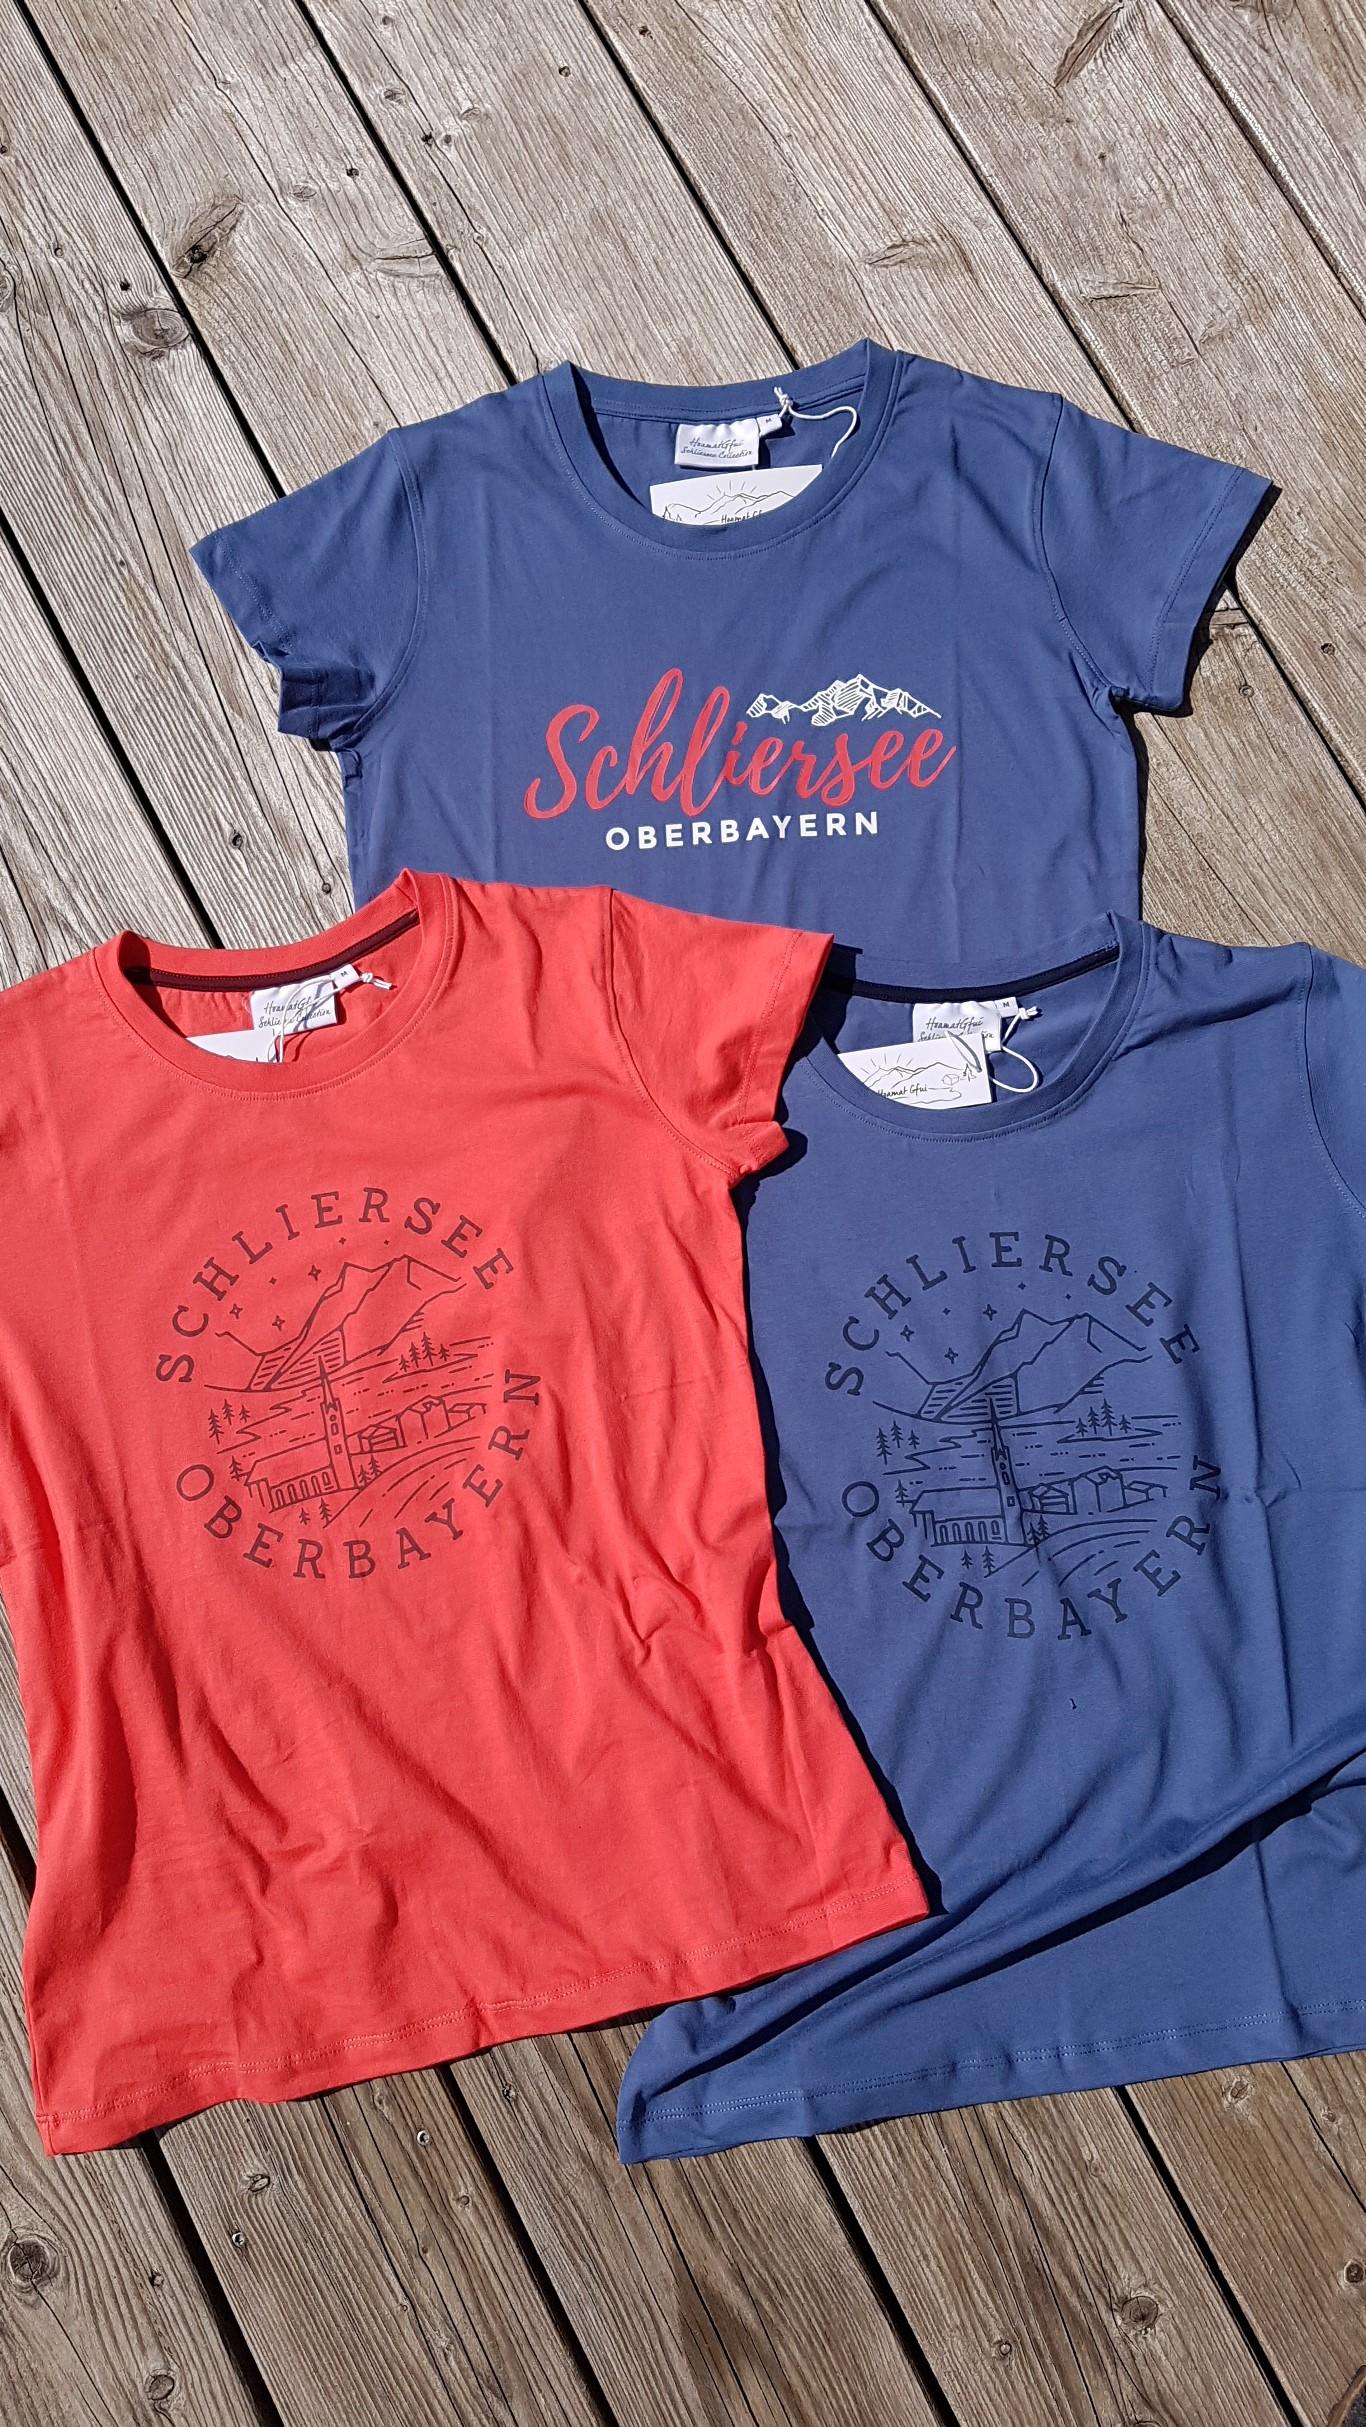 Schliersee Damen T-Shirt